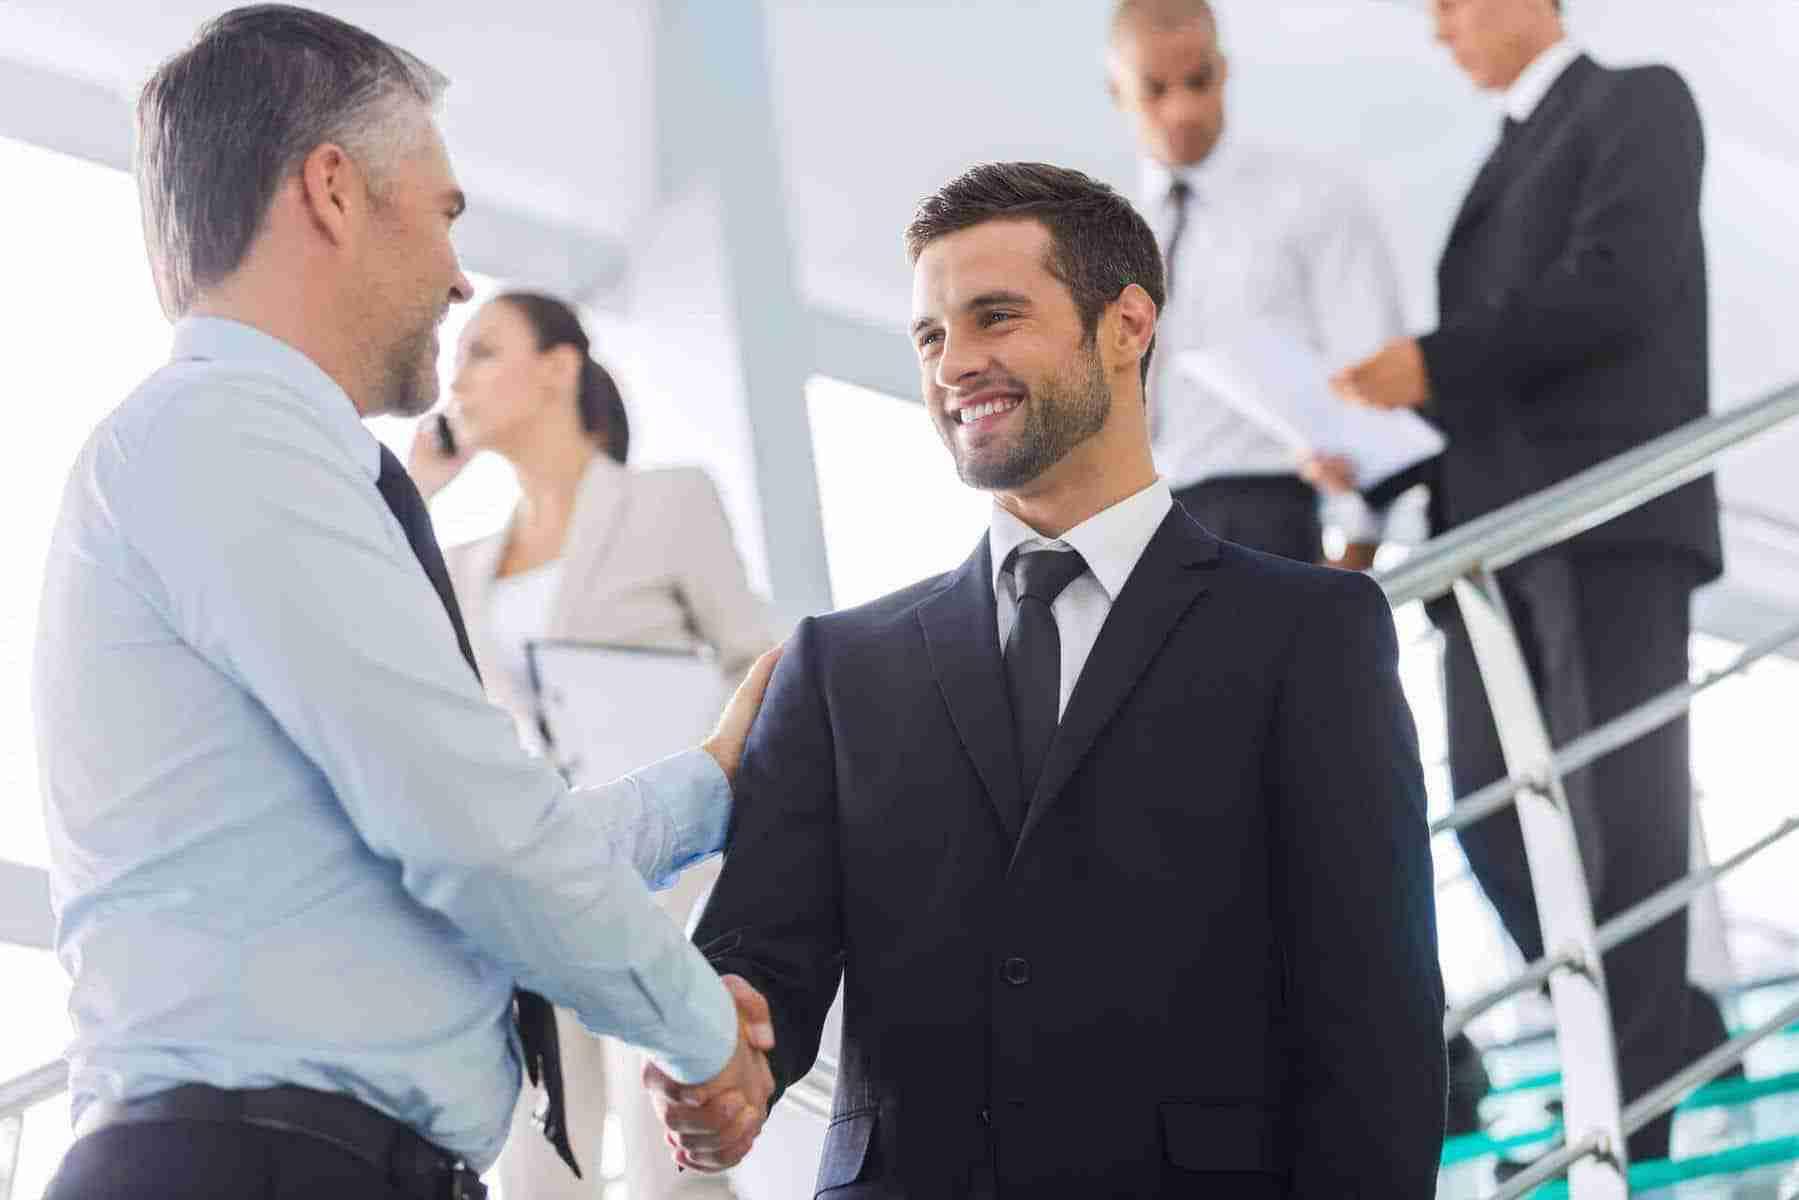 Lebensphasen – Das Beratungskonzept als Versicherungsmakler und Versicherungsberater – Versicherungsberater Unternehmer, Versicherungsmakler Unternehmer, Altersvorsorge Unternehmer, Finanzberatung Unternehmer, Versicherungen Unternehmer, Versicherungsberater Unternehmen, Versicherungsmakler Unternehmen, Versicherungen Unternehmen, Versicherungen Gewerbe, Altersvorsorge Selbstständige, Versicherungsberater Selbstständige, Versicherungen Selbstständige, Versicherungsmakler Selbstständige, Altersvorsorge Freiberufler, Altersvorsorge Berufseinstieg, Altersvorsorge Berufseinsteiger, Versicherungsberater Freiberufler, Versicherungen Freiberufler, Versicherungsberatung Freiberufler, Versicherungsberatung Unternehmer, Versicherungsberatung Selbstständige, Versicherungsberatung Unternehmen, Versicherungsmakler Freiberufler, Altersvorsorge Student, Versicherungsberater Studenten, Versicherungsmakler Studenten, Versicherungsberater Eltern, Versicherungsberatung Studenten, Versicherungsberatung Eltern, Versicherungsmakler Eltern, Versicherungen Eltern, Versicherungen Studenten, Altersvorsorge Eltern, Altersvorsorge  Familien, Altersvorsorge  Kind, Altersvorsorge  Kinder, Finanzberatung Familien, Versicherungsberater Familien, Versicherungsberatung Familien, Versicherungsmakler Familien, Versicherungen Familien, Versicherungen Kinder, Versicherungsberater Berufseinstieg, Versicherungsberatung Berufseinstieg, Versicherungsmakler Berufseinstieg, Versicherungen Berufseinstieg, Versicherungsberater Beamte, Altersvorsorge Beamte, Altersvorsorge Beamter, Finanzberatung Beamter, Versicherungsberatung Beamte, Versicherungsmakler Beamte, Versicherungen Beamte, Versicherungsberater Beamter, Versicherungsberatung Beamter, Versicherungsmakler Beamter, Versicherungen Beamter, Versicherungsberater Ehe, Versicherungsberatung Ehe, Versicherungsmakler Ehe, Versicherungen Ehe, Versicherungen Heirat, Versicherungen Hochzeit, Versicherungsberater Ausbildung, Versicherungsberatung Ausbildung, Versic